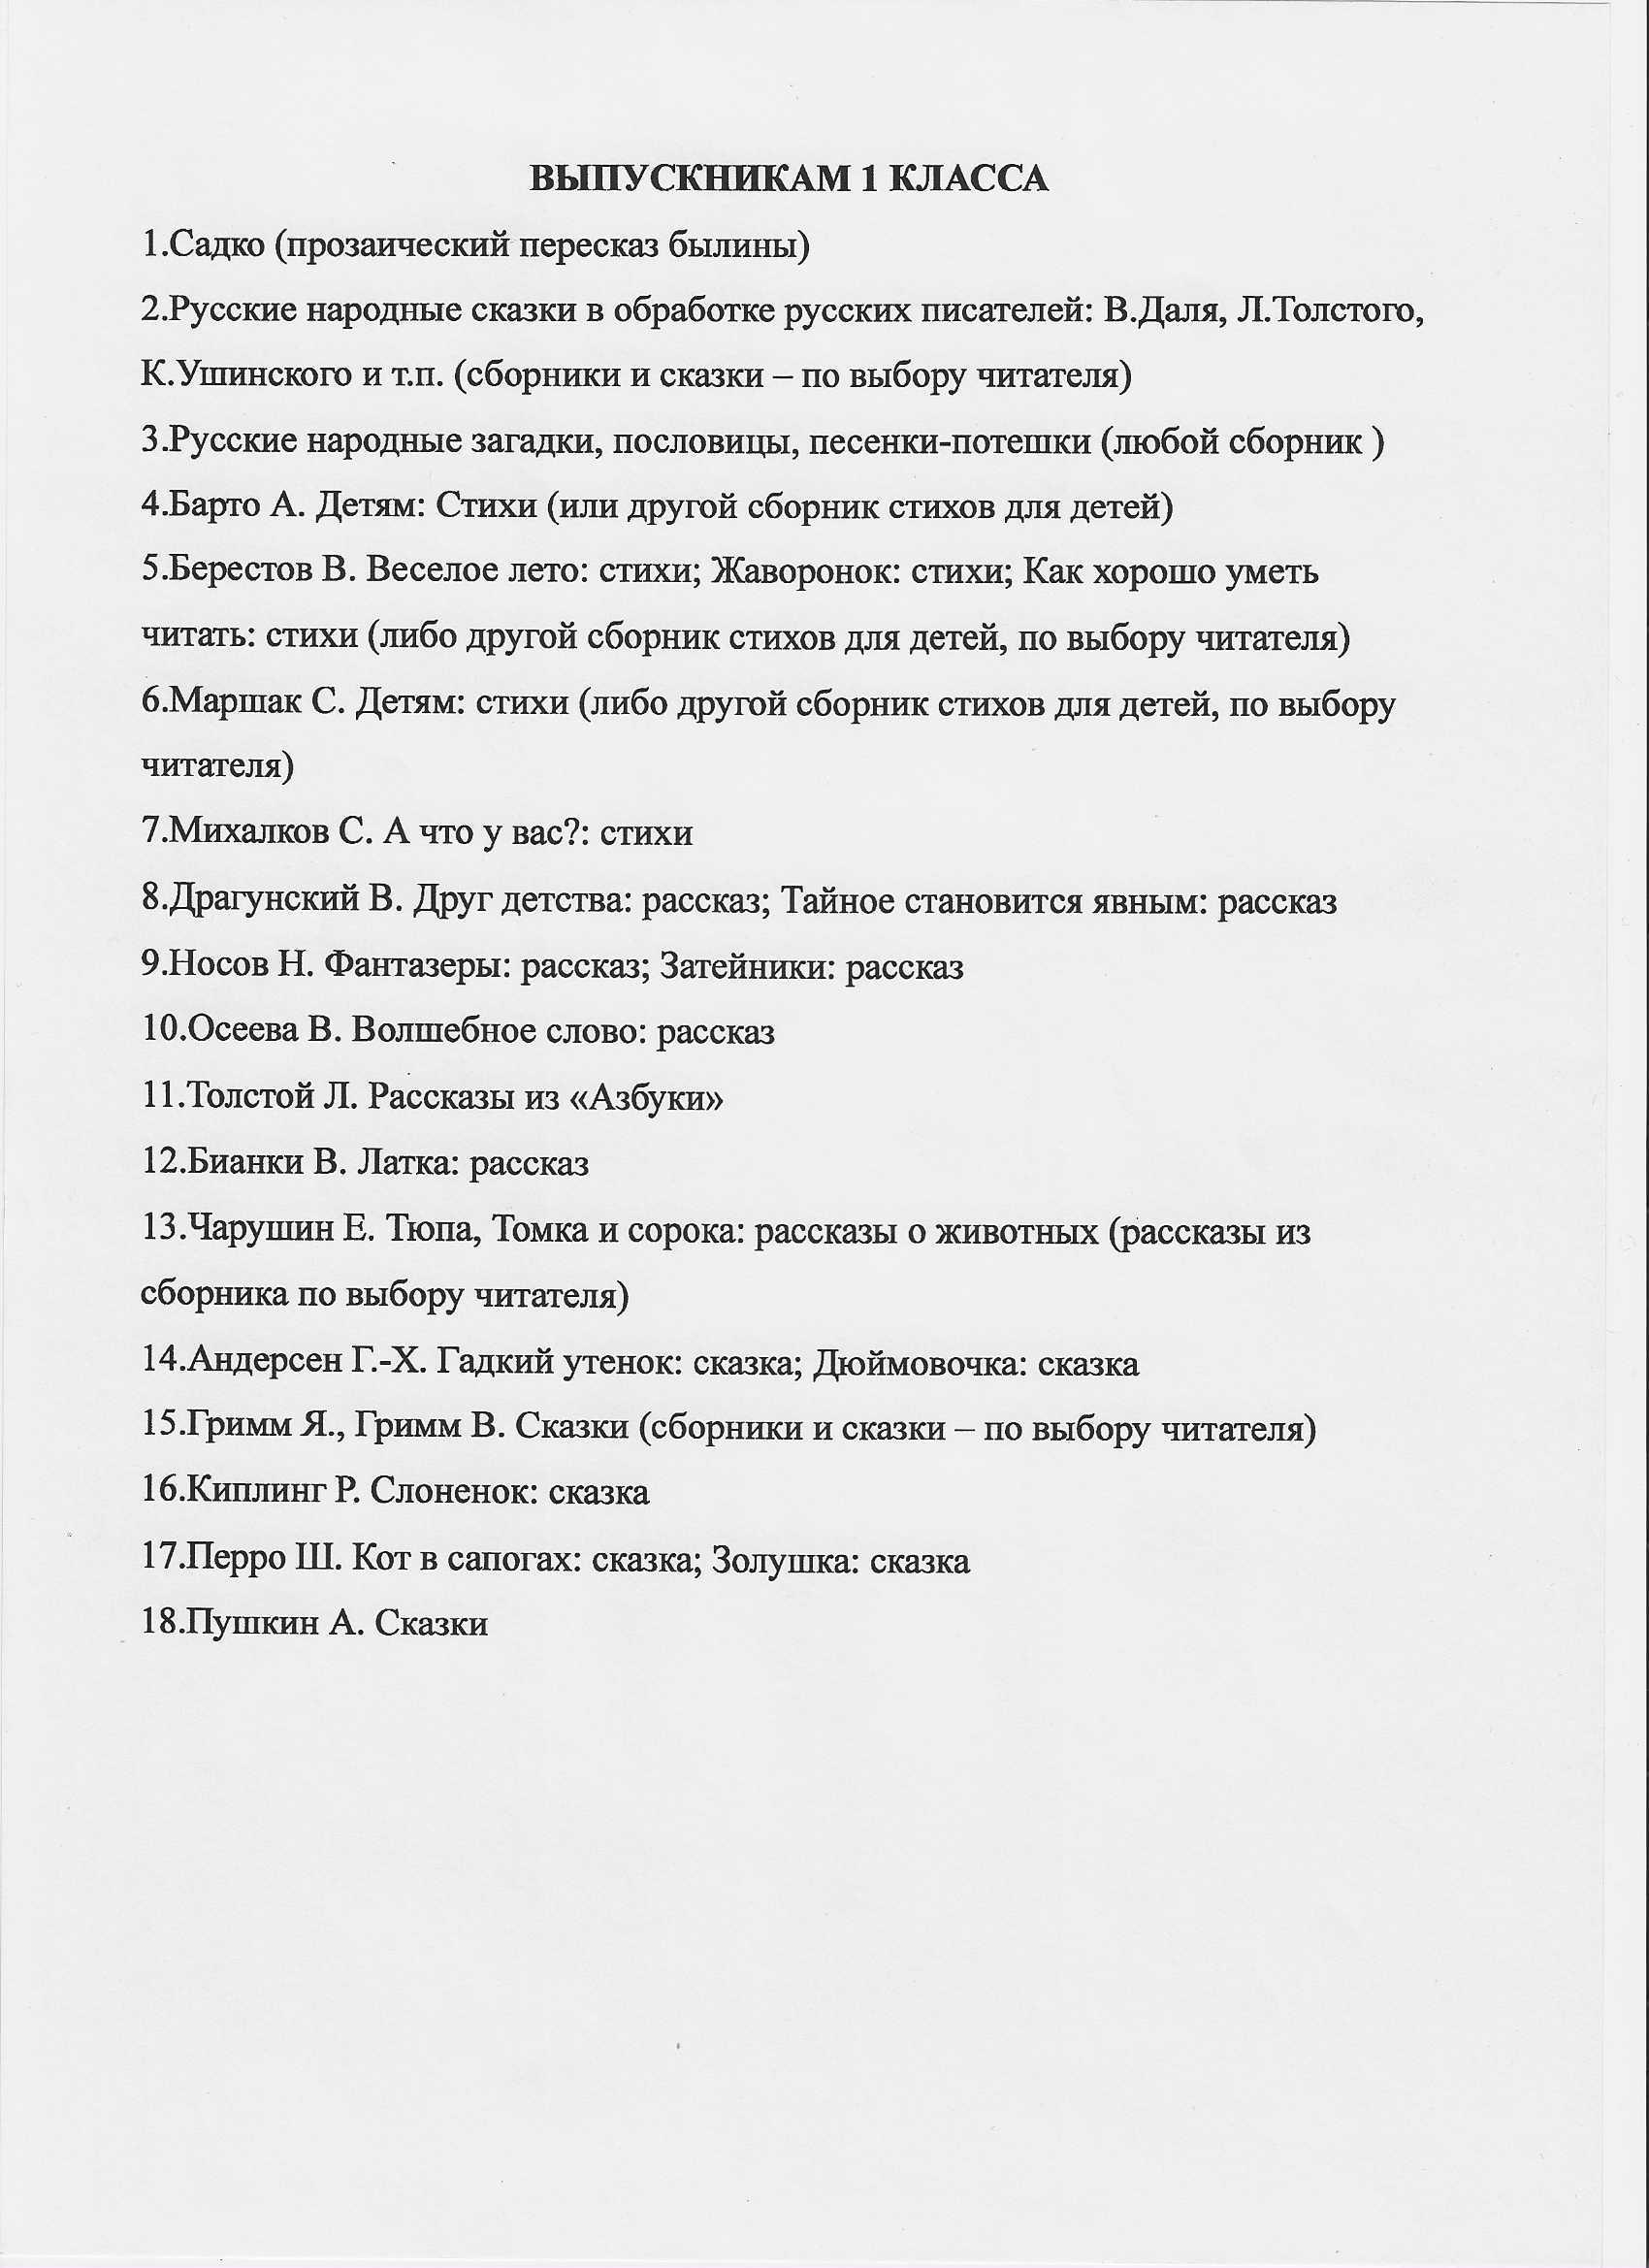 Список литературы для чтения летом